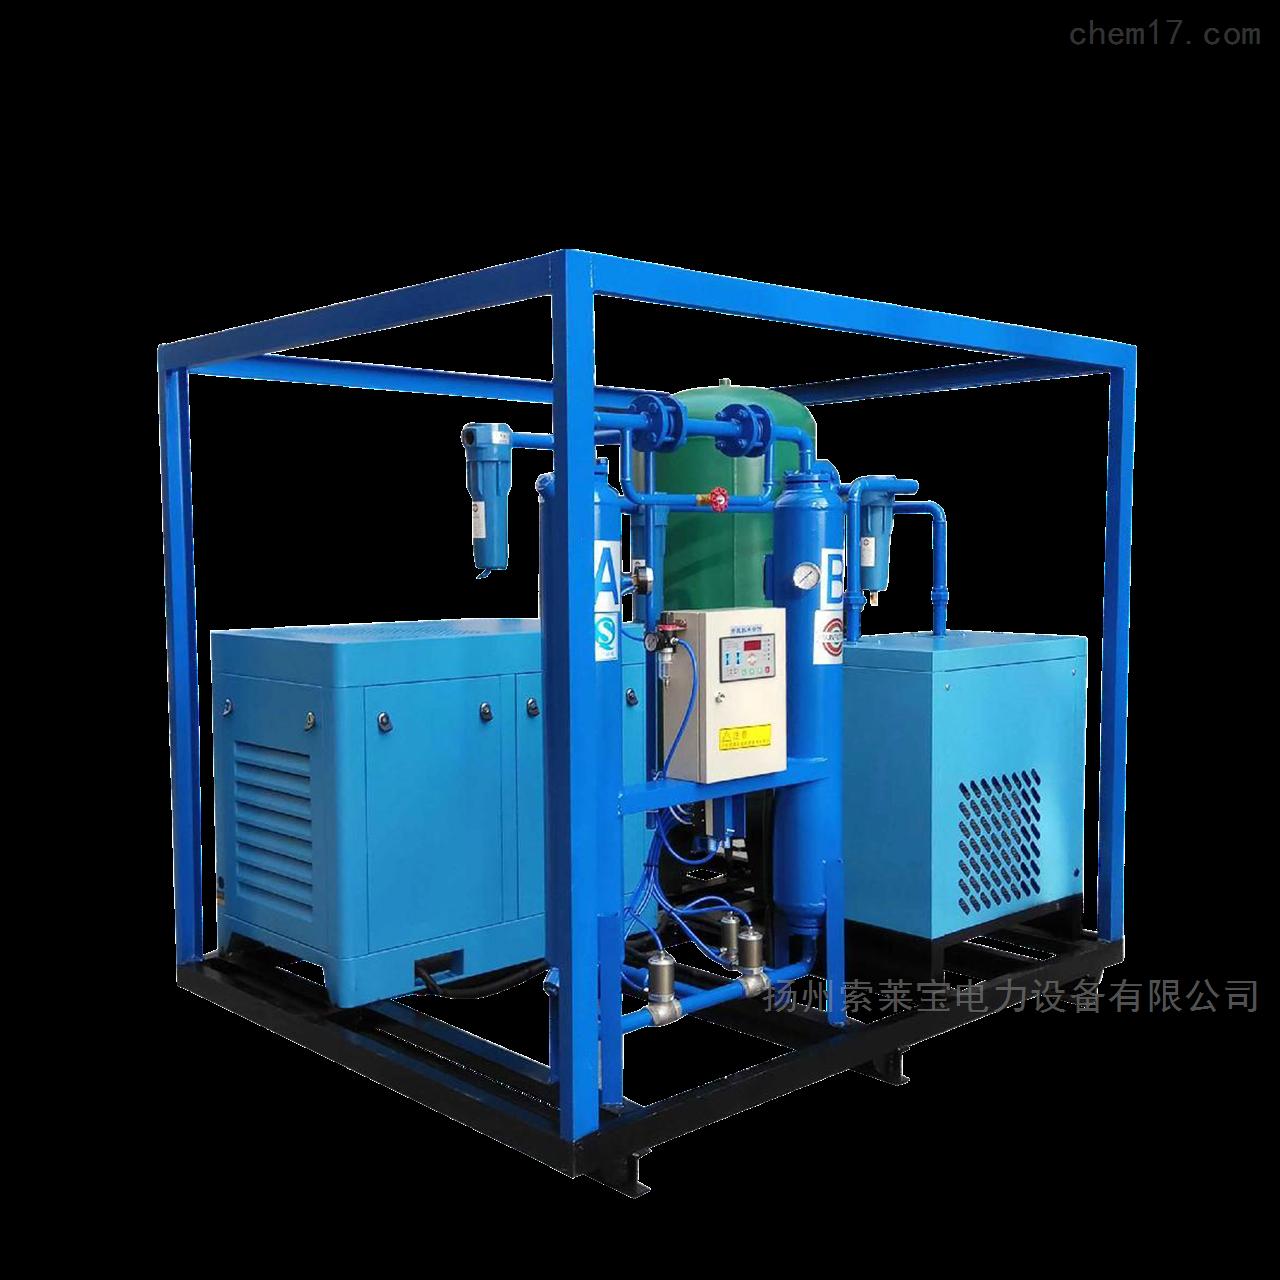 空气干燥器装置五级承试